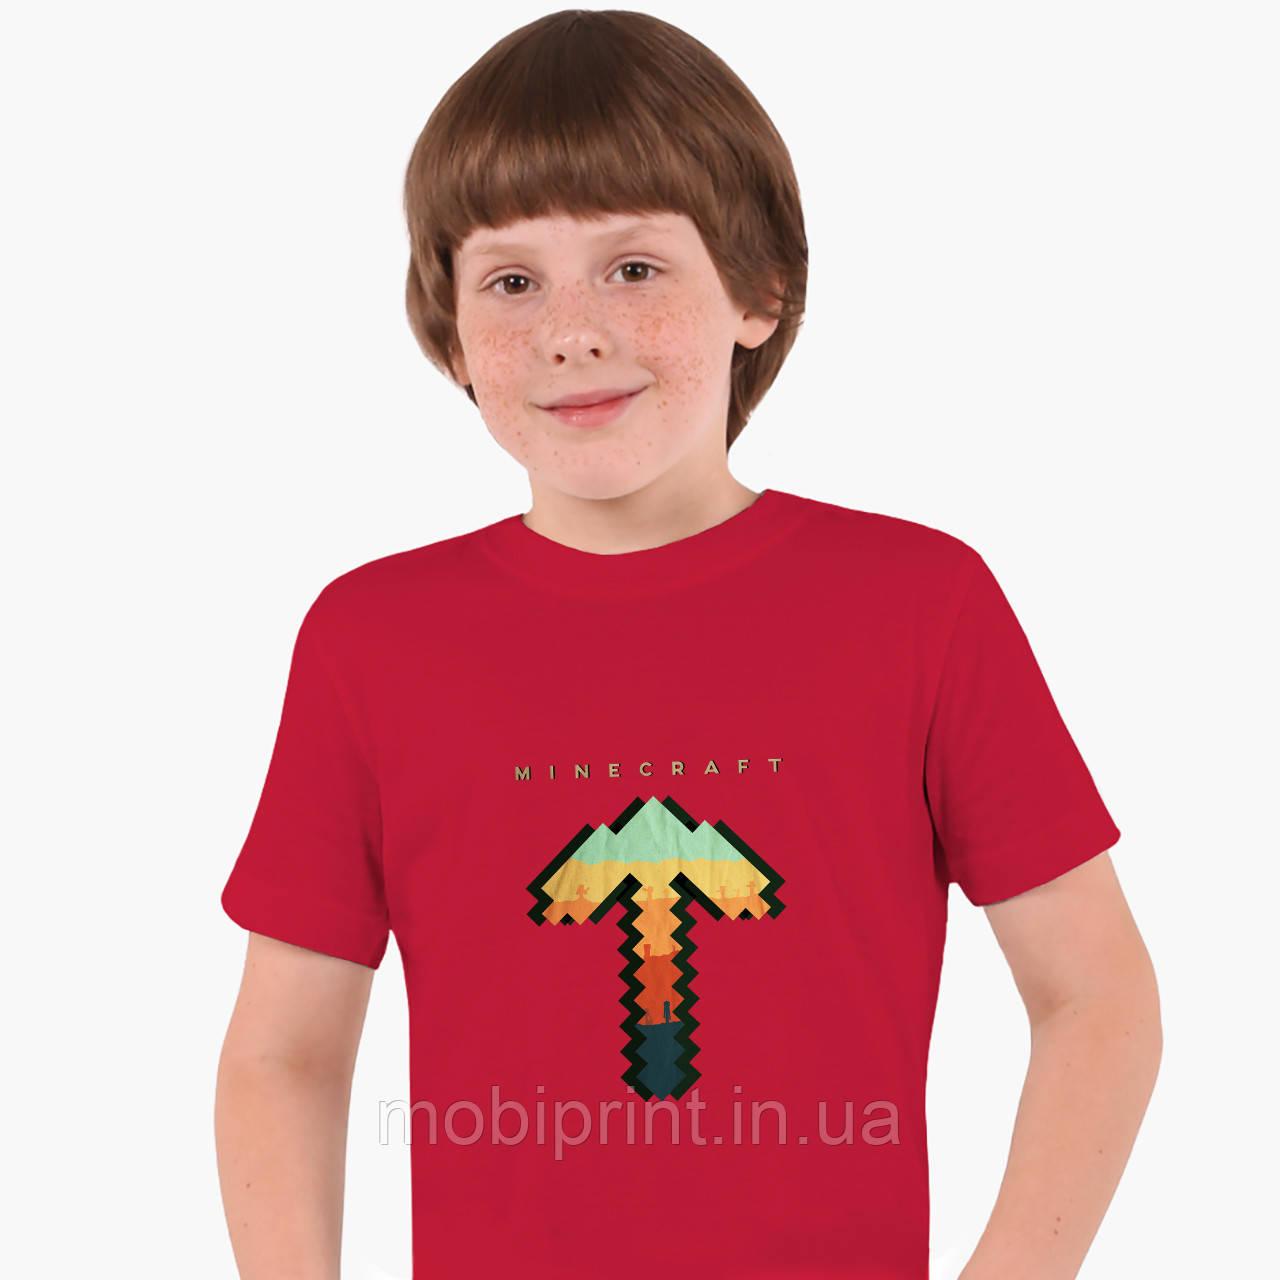 Детская футболка для мальчиков Майнкрафт (Minecraft) (25186-1169) Красный